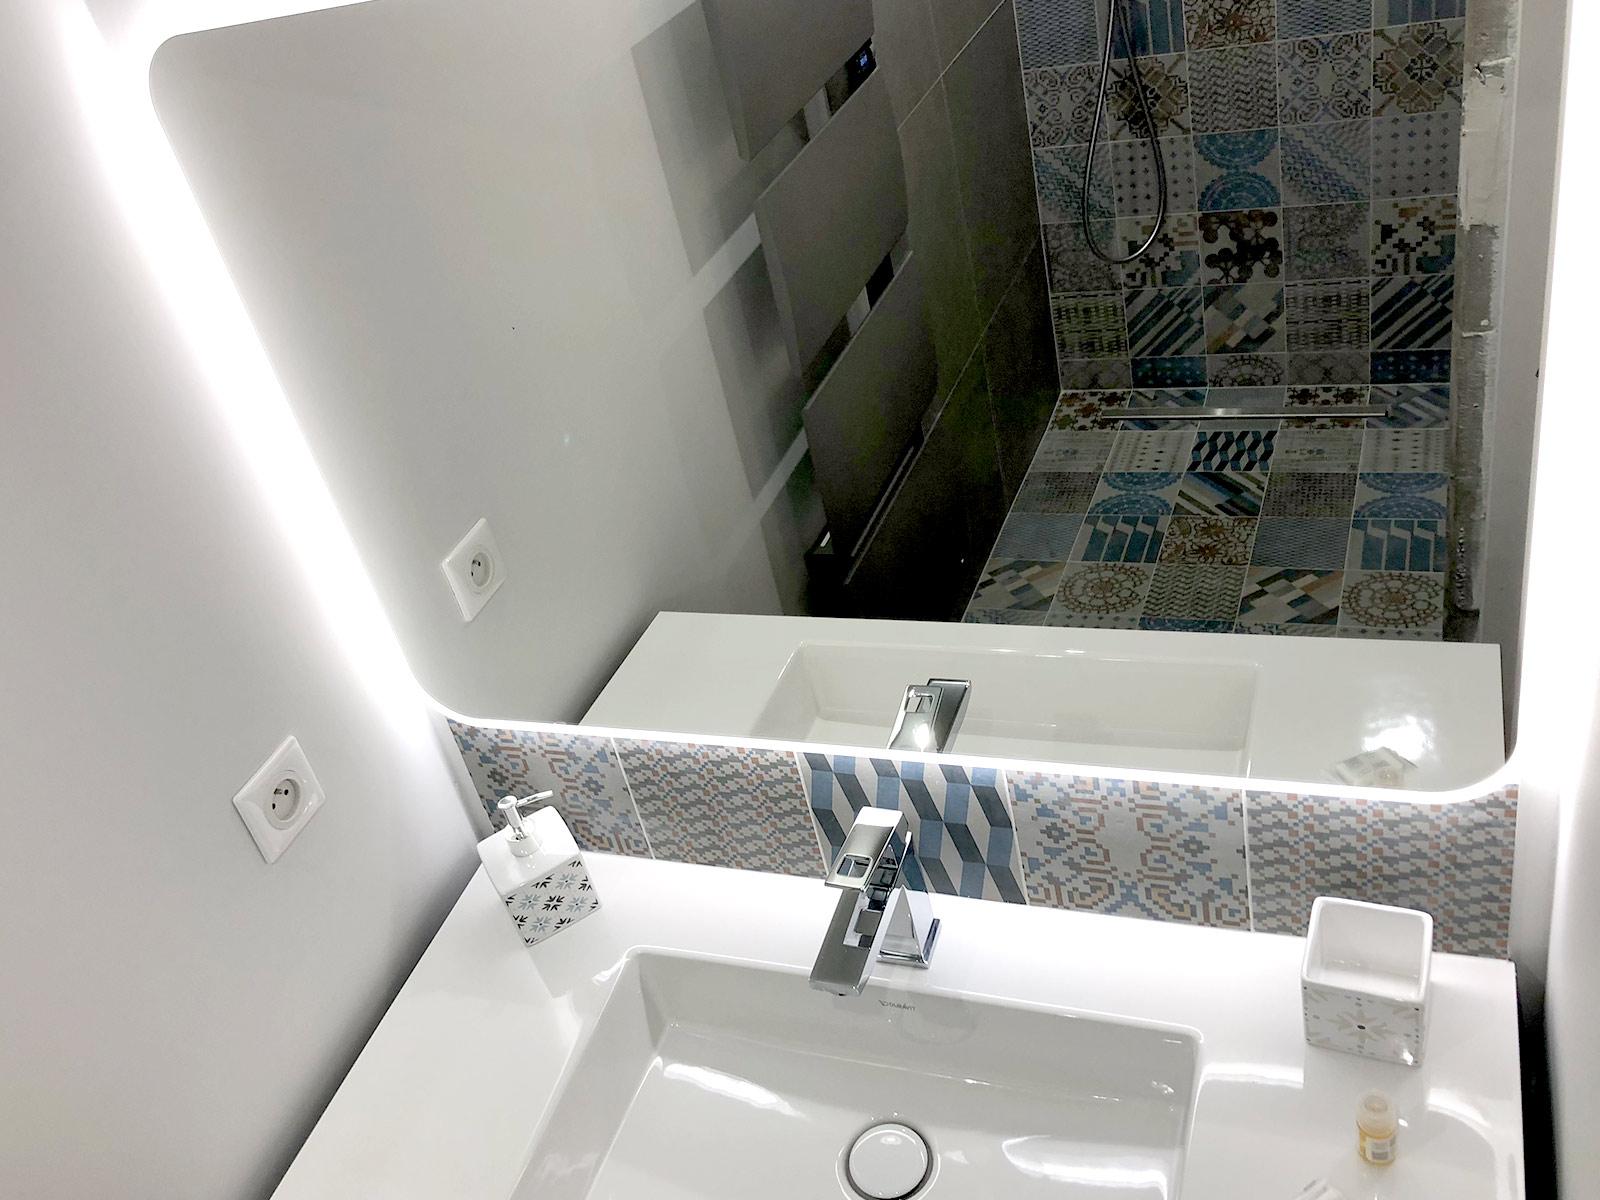 Lavabo & Miroir rétro-éclairé